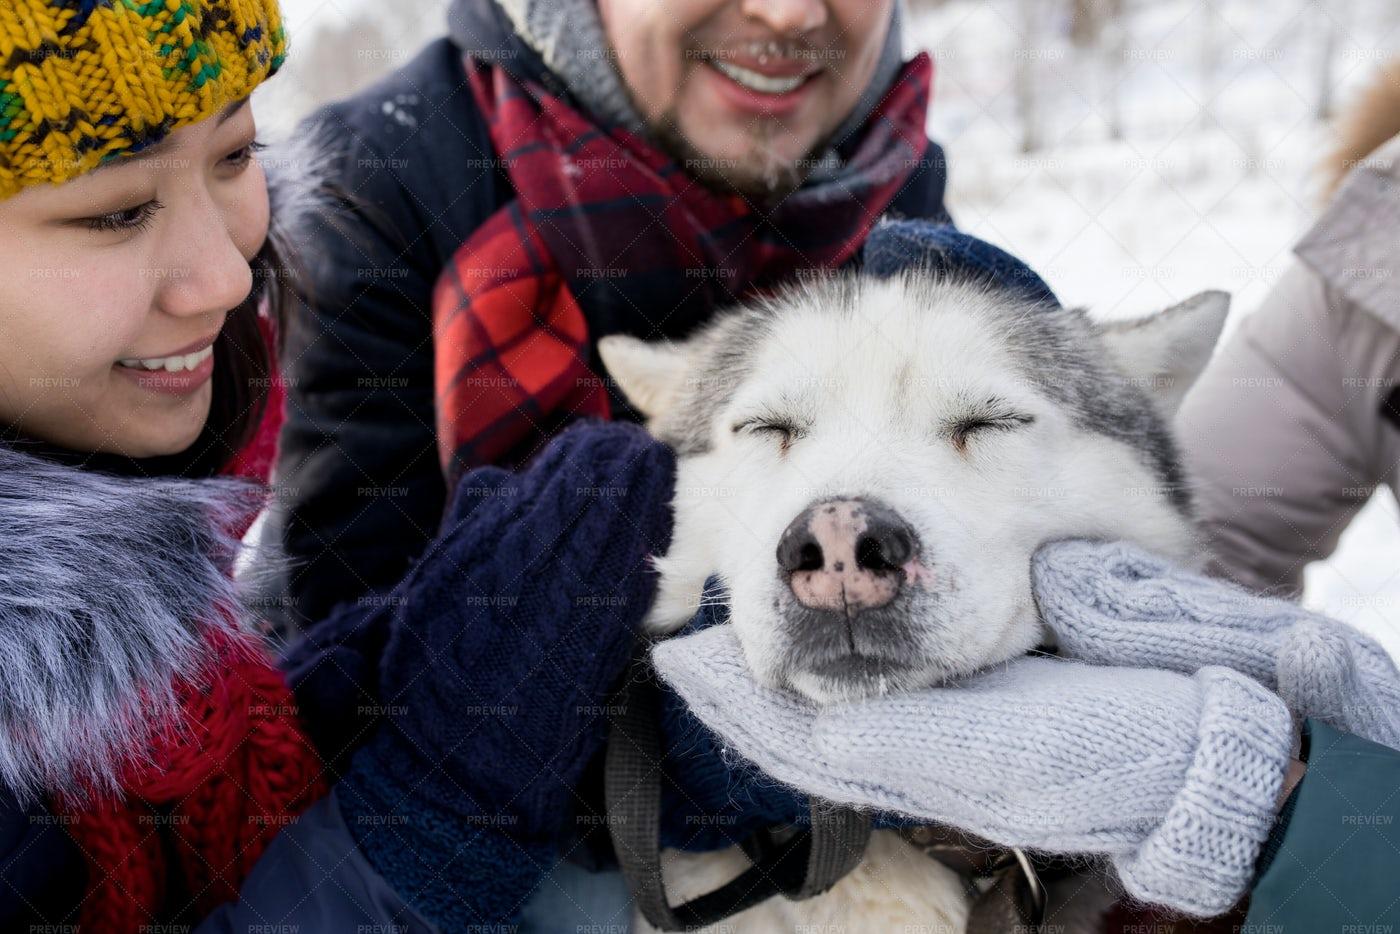 Husky Dog Enjoying Rubs: Stock Photos